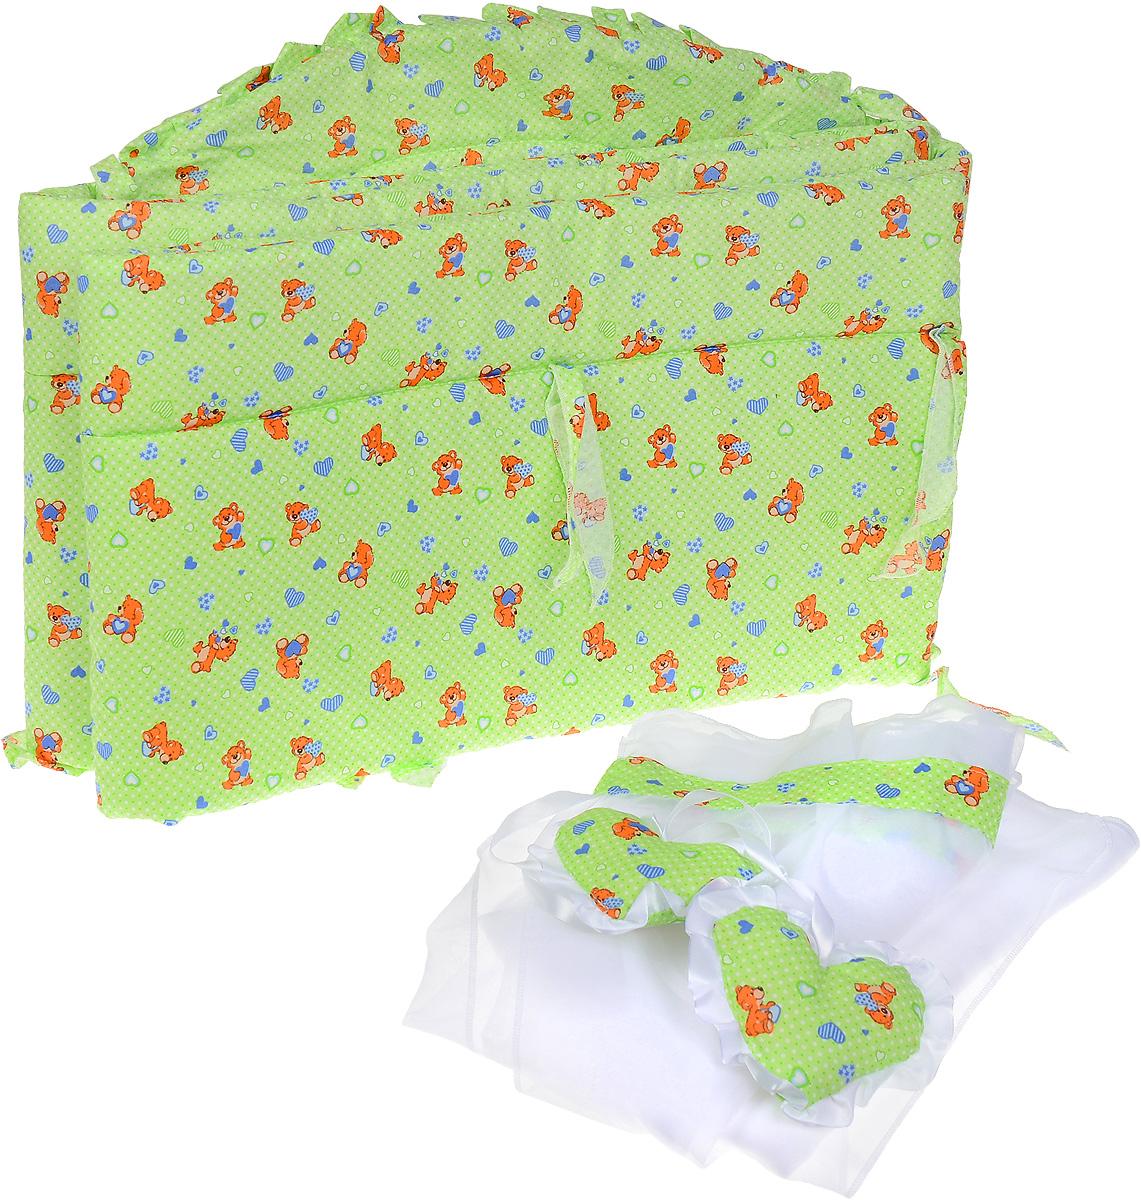 Фея Комплект для детской кроватки Мишки с сердечками 2 предметаB111-3Комплект для детской кроватки Фея Мишки с сердечками, выполненный из хлопка и полиэфира, включает в себя борт и балдахин для детской кроватки. Бортик закрывает весь периметр кроватки и крепится с помощью специальных завязок, благодаря чему его можно поместить в любую детскую кроватку. Выполнен натурального хлопка безупречной выделки. Деликатные швы рассчитаны на прикосновение к нежной коже ребенка. Бортик оформлен изображениями забавных плюшевых медвежат с сердечками.Балдахин, выполненный из полиэстера, можно использовать как для люльки, так и для кроватки. Сверху балдахин декорирован вставкой из хлопка с рисунком, а также двумя атласными лентами с мягкими игрушками в виде сердечек. Длина бортика - 360 см, размеры балдахина - 250 см х 150 см.